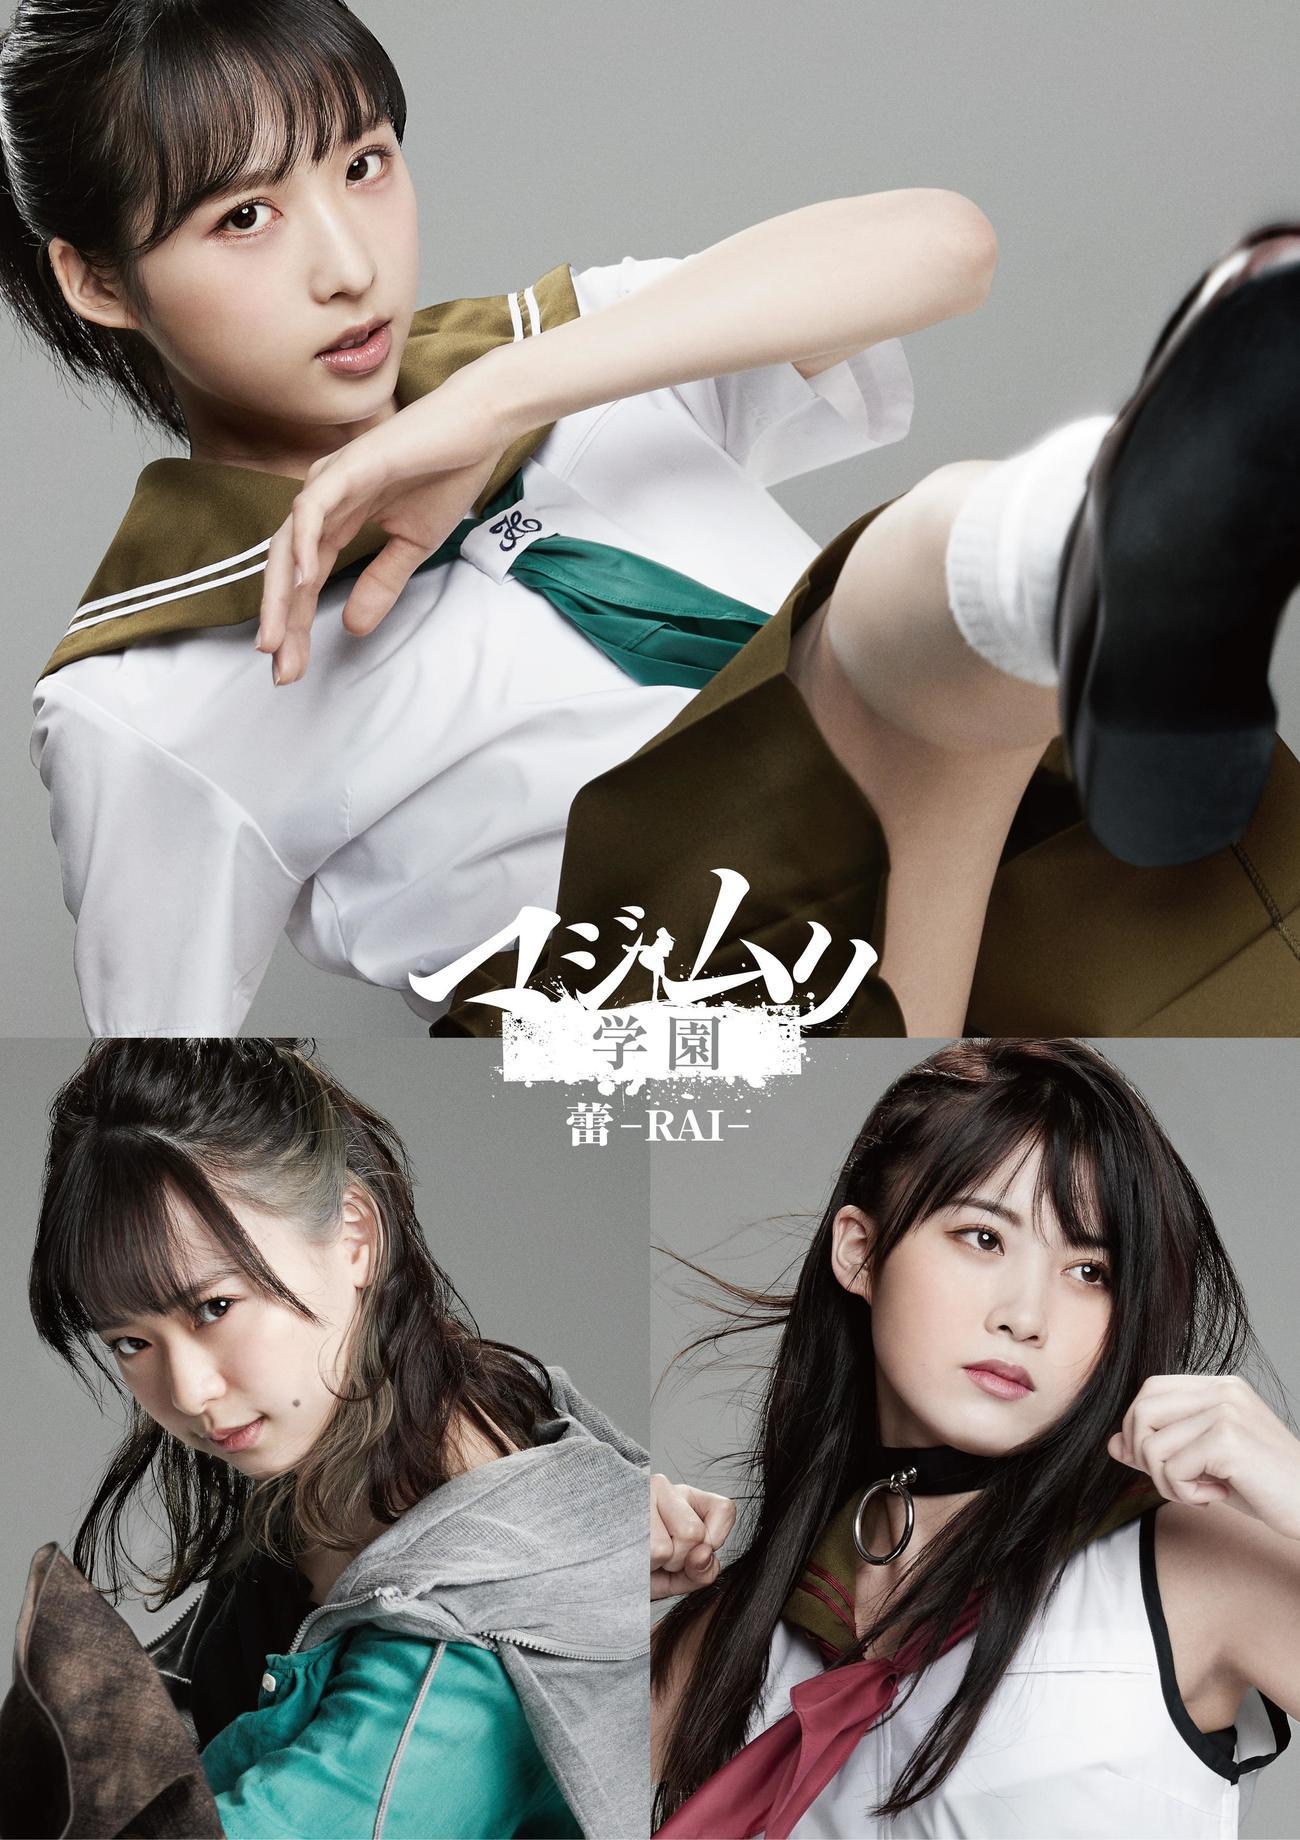 舞台「マジムリ学園 蕾-RAI-」に出演するAKB48チーム8小栗有以(上)、倉野尾成美(左)、岡部麟(C)舞台「マジムリ学園蕾」製作委員会